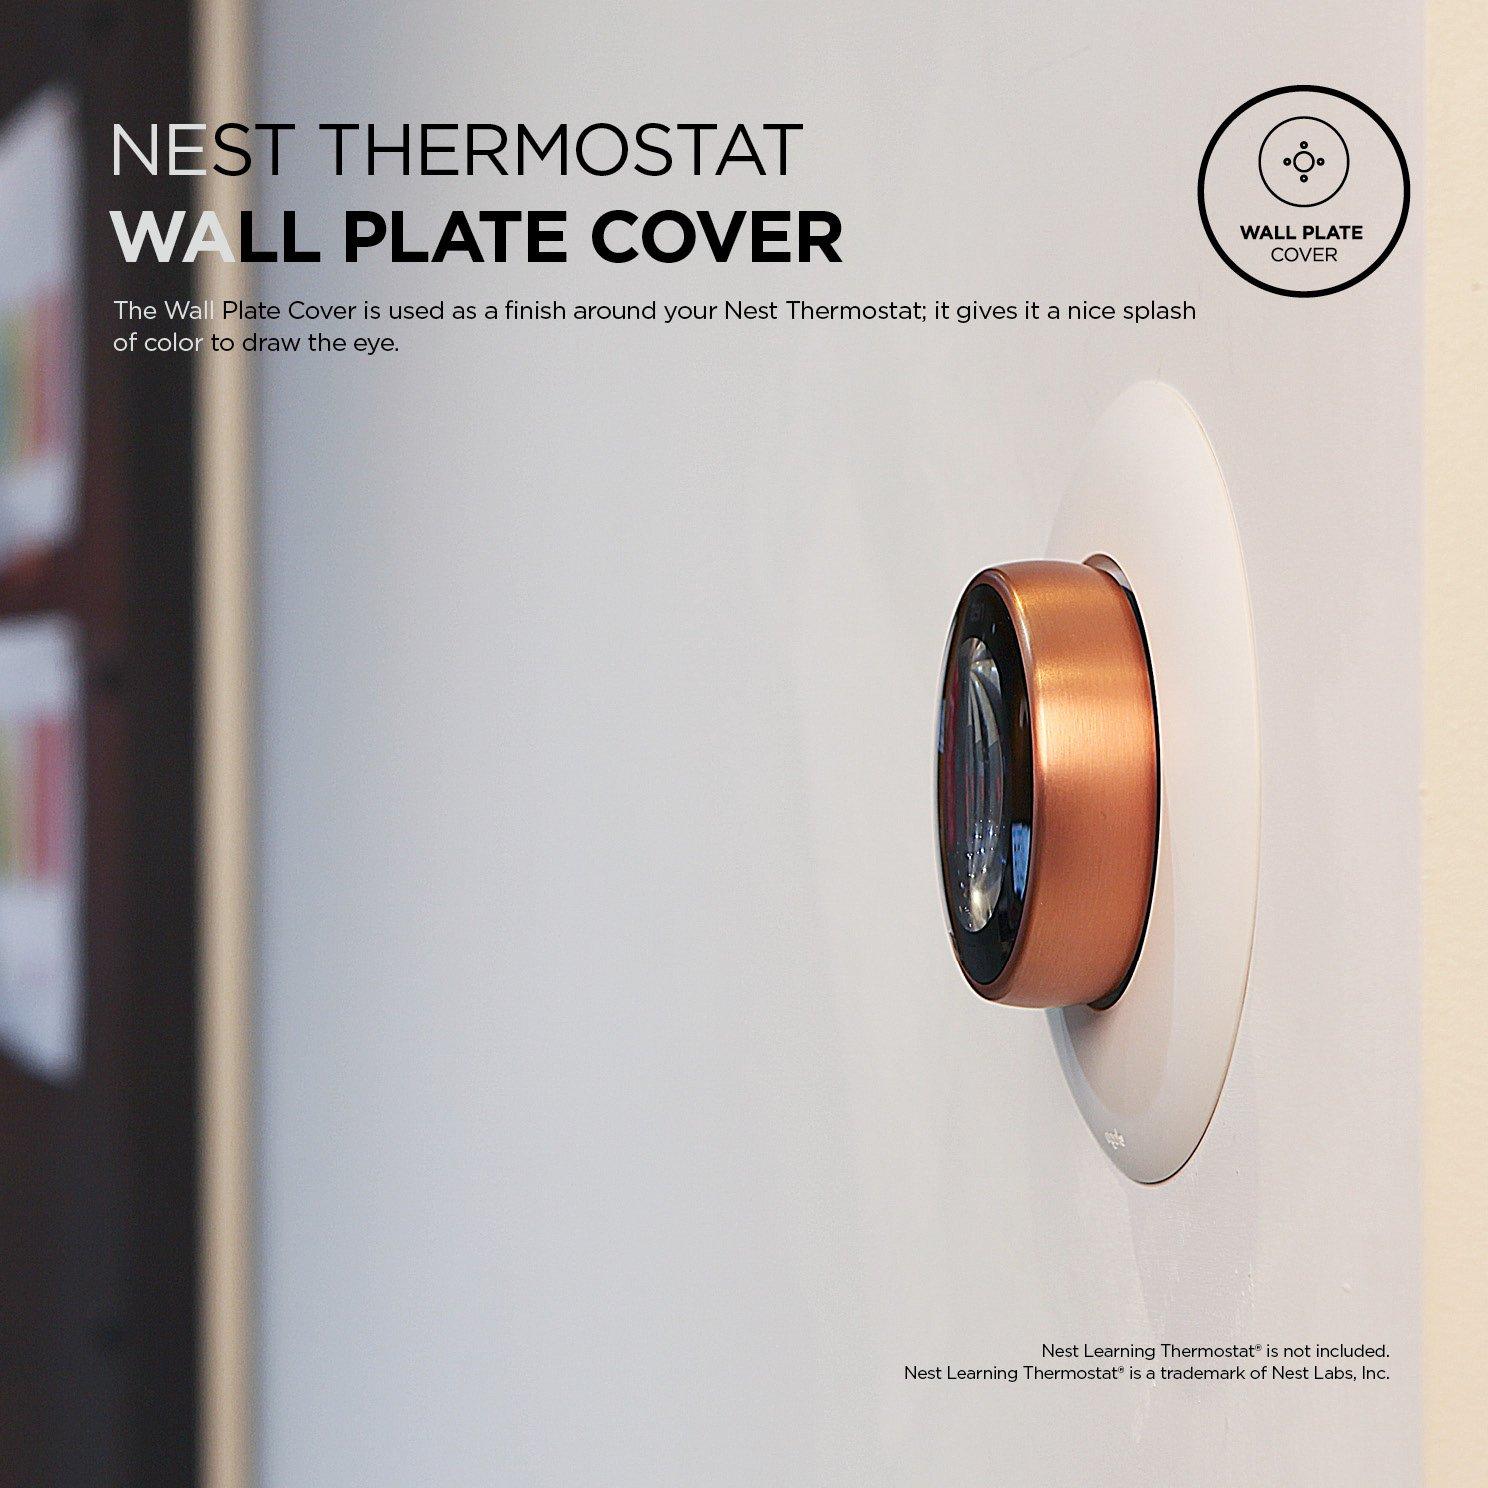 Elago Cubierta de la placa de pared para el termostato de aprendizaje de nidos Blanco mate: Amazon.es: Hogar